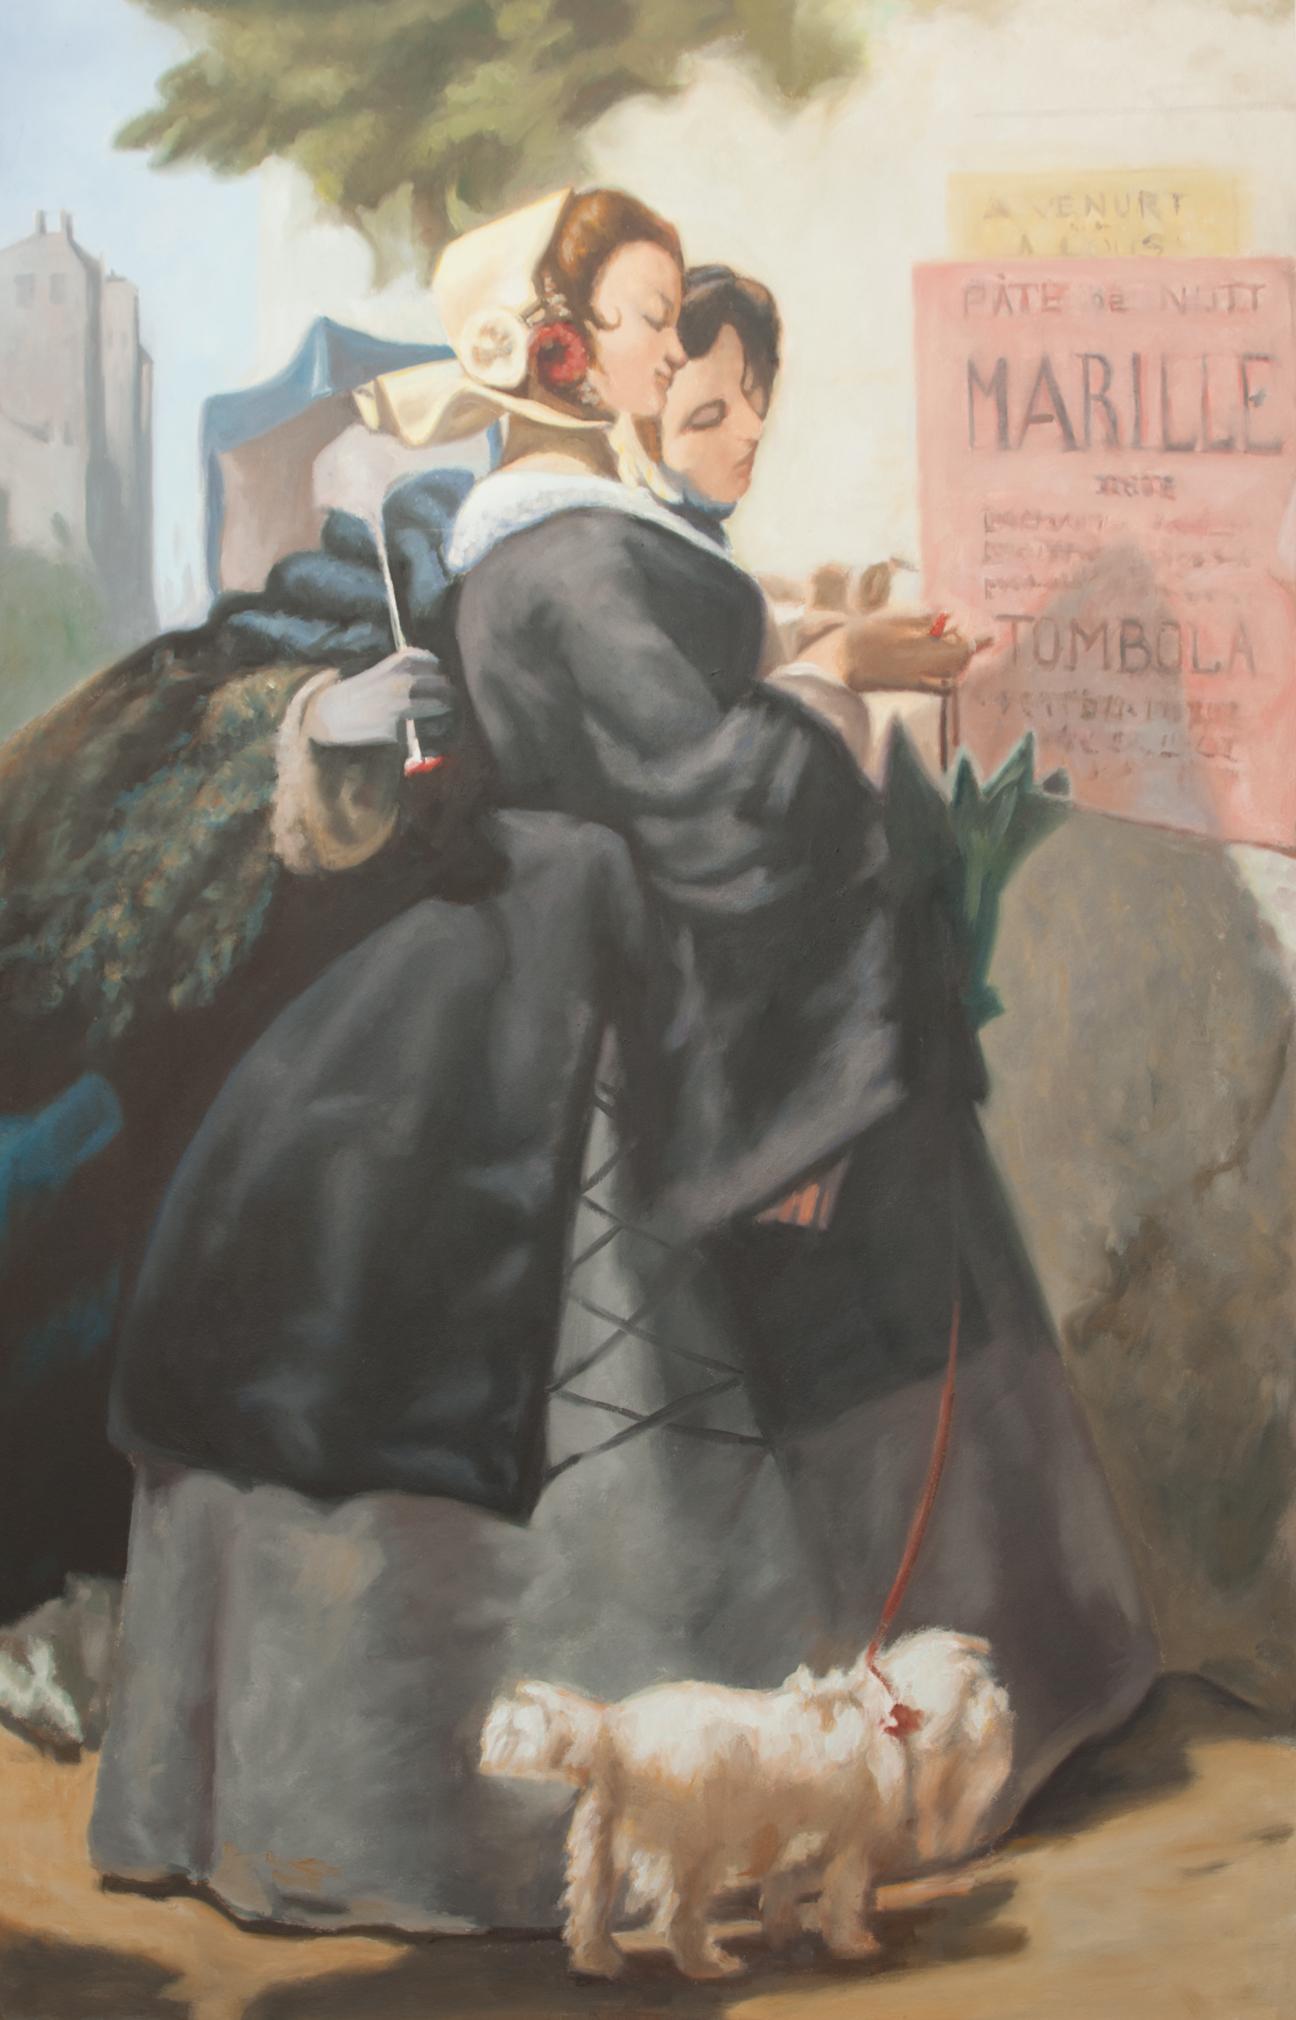 Reproduktion av Claes-Åke Schlönzig - Okänd konstnär - Affischen